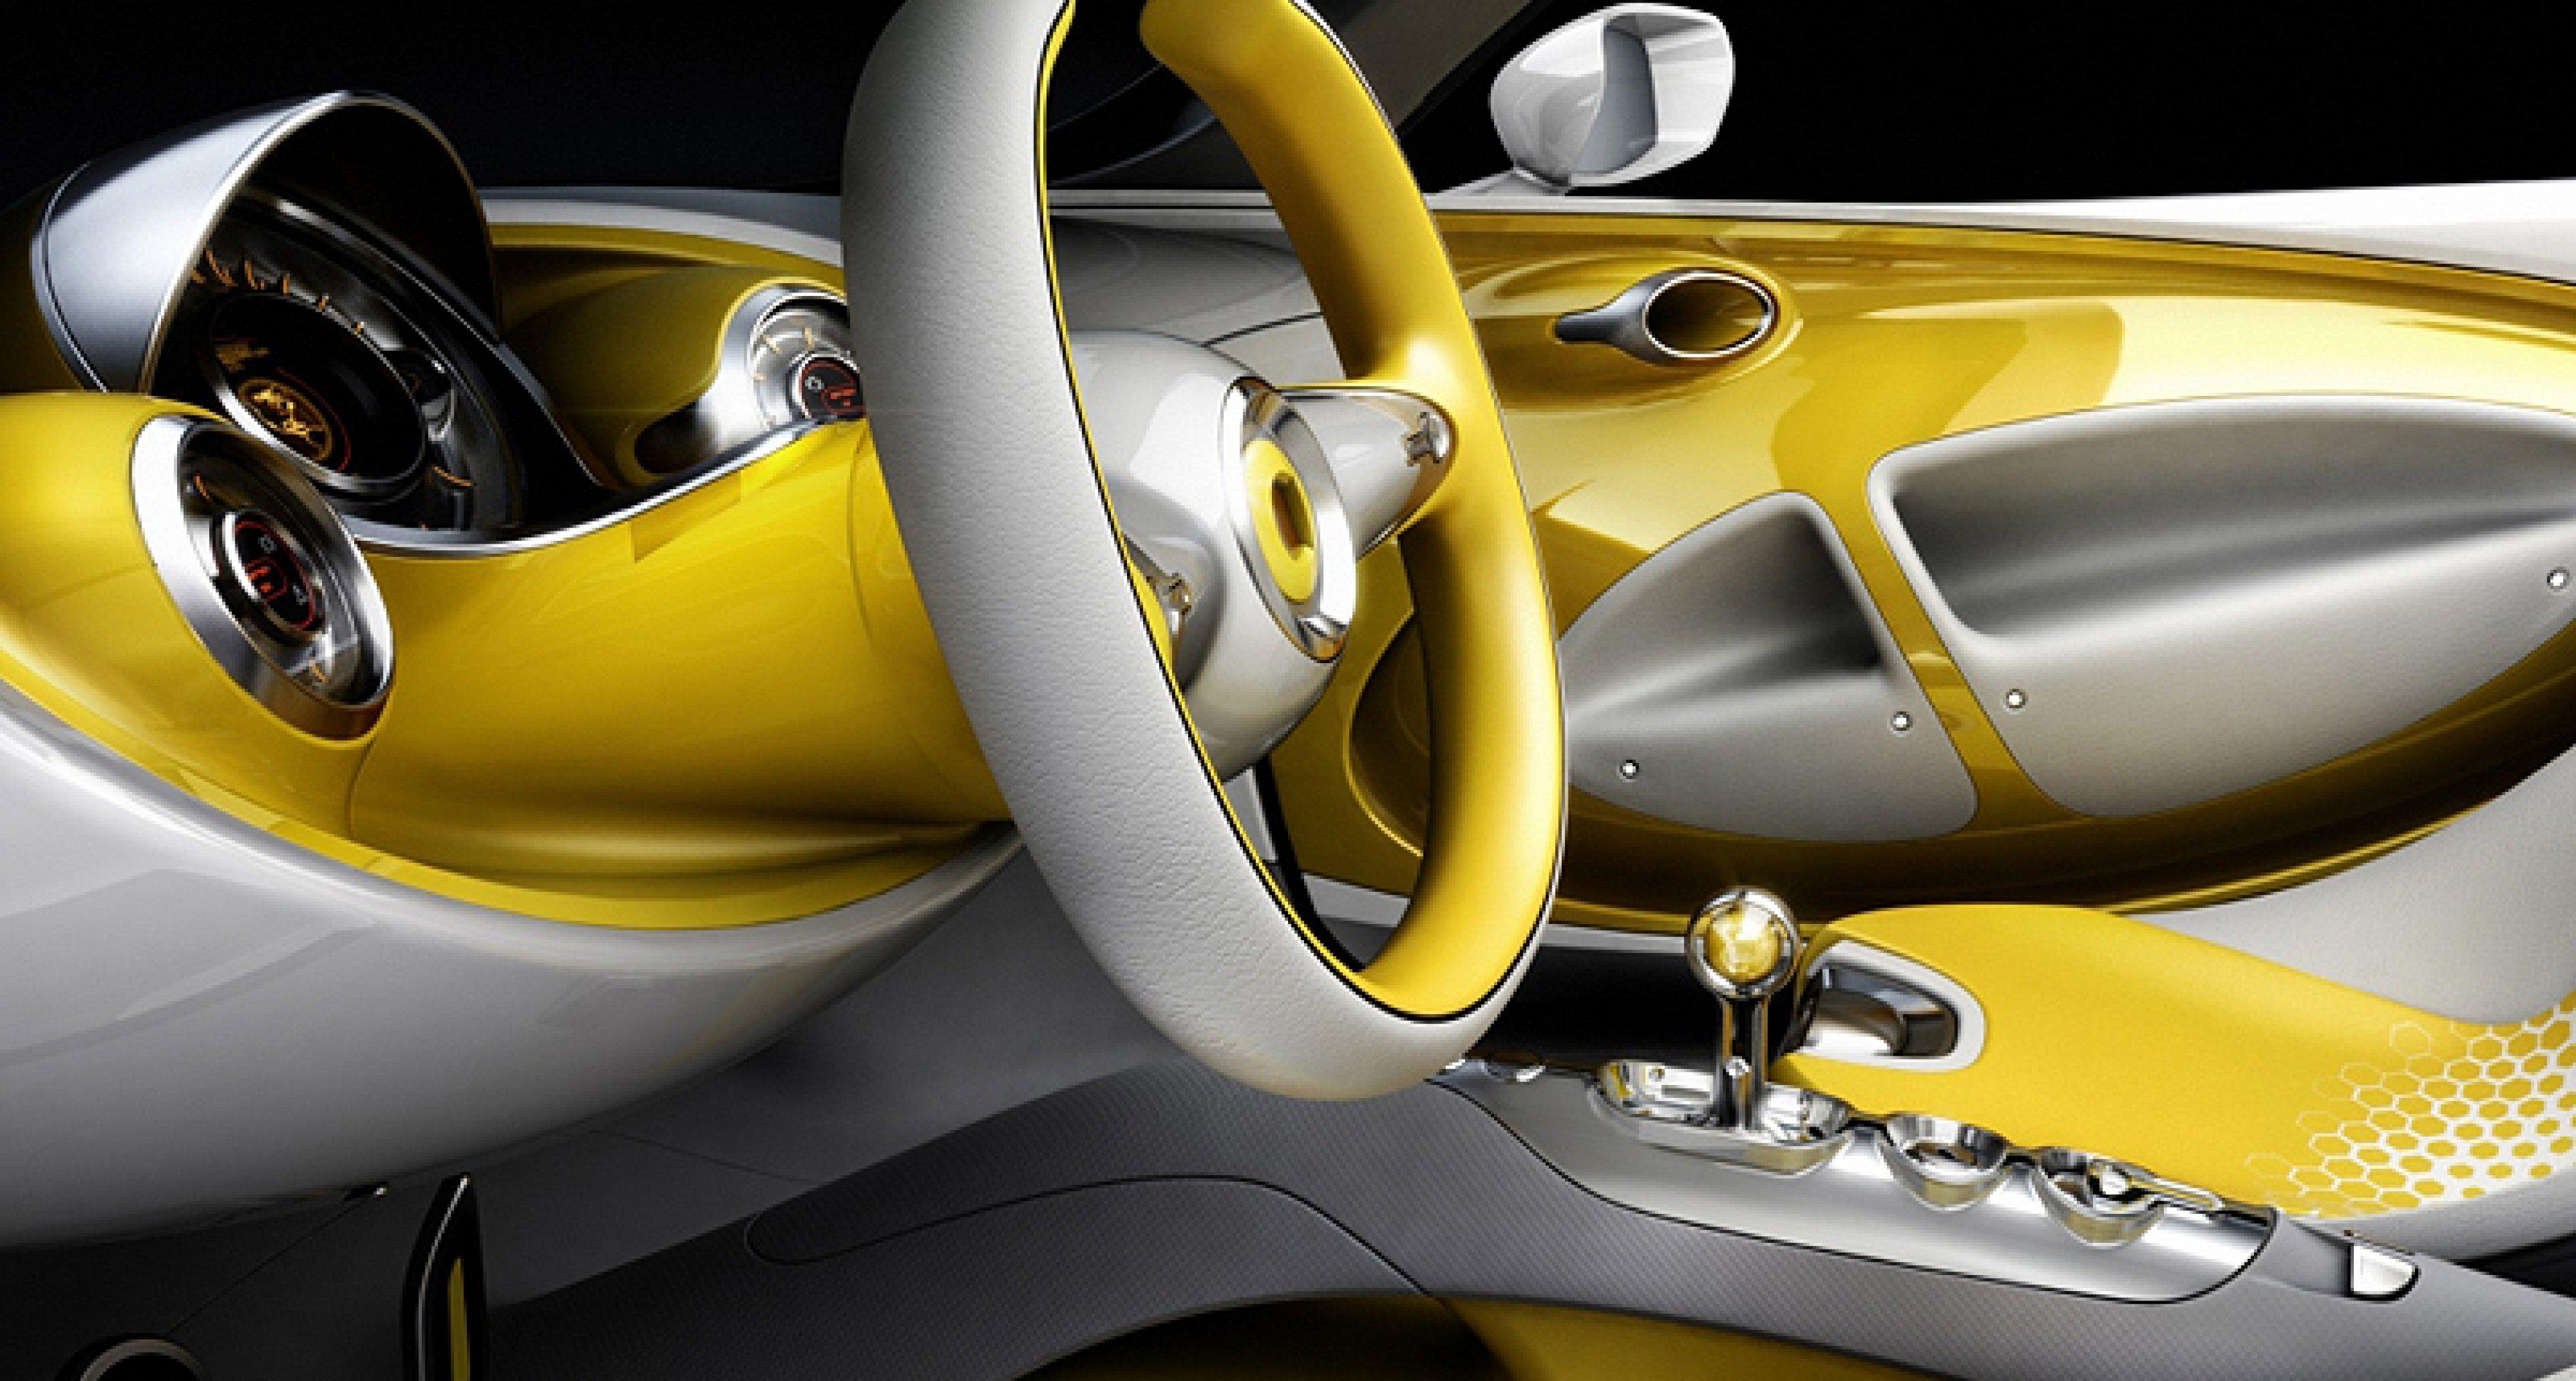 Detroit Auto Show 2012: Smart For-Us